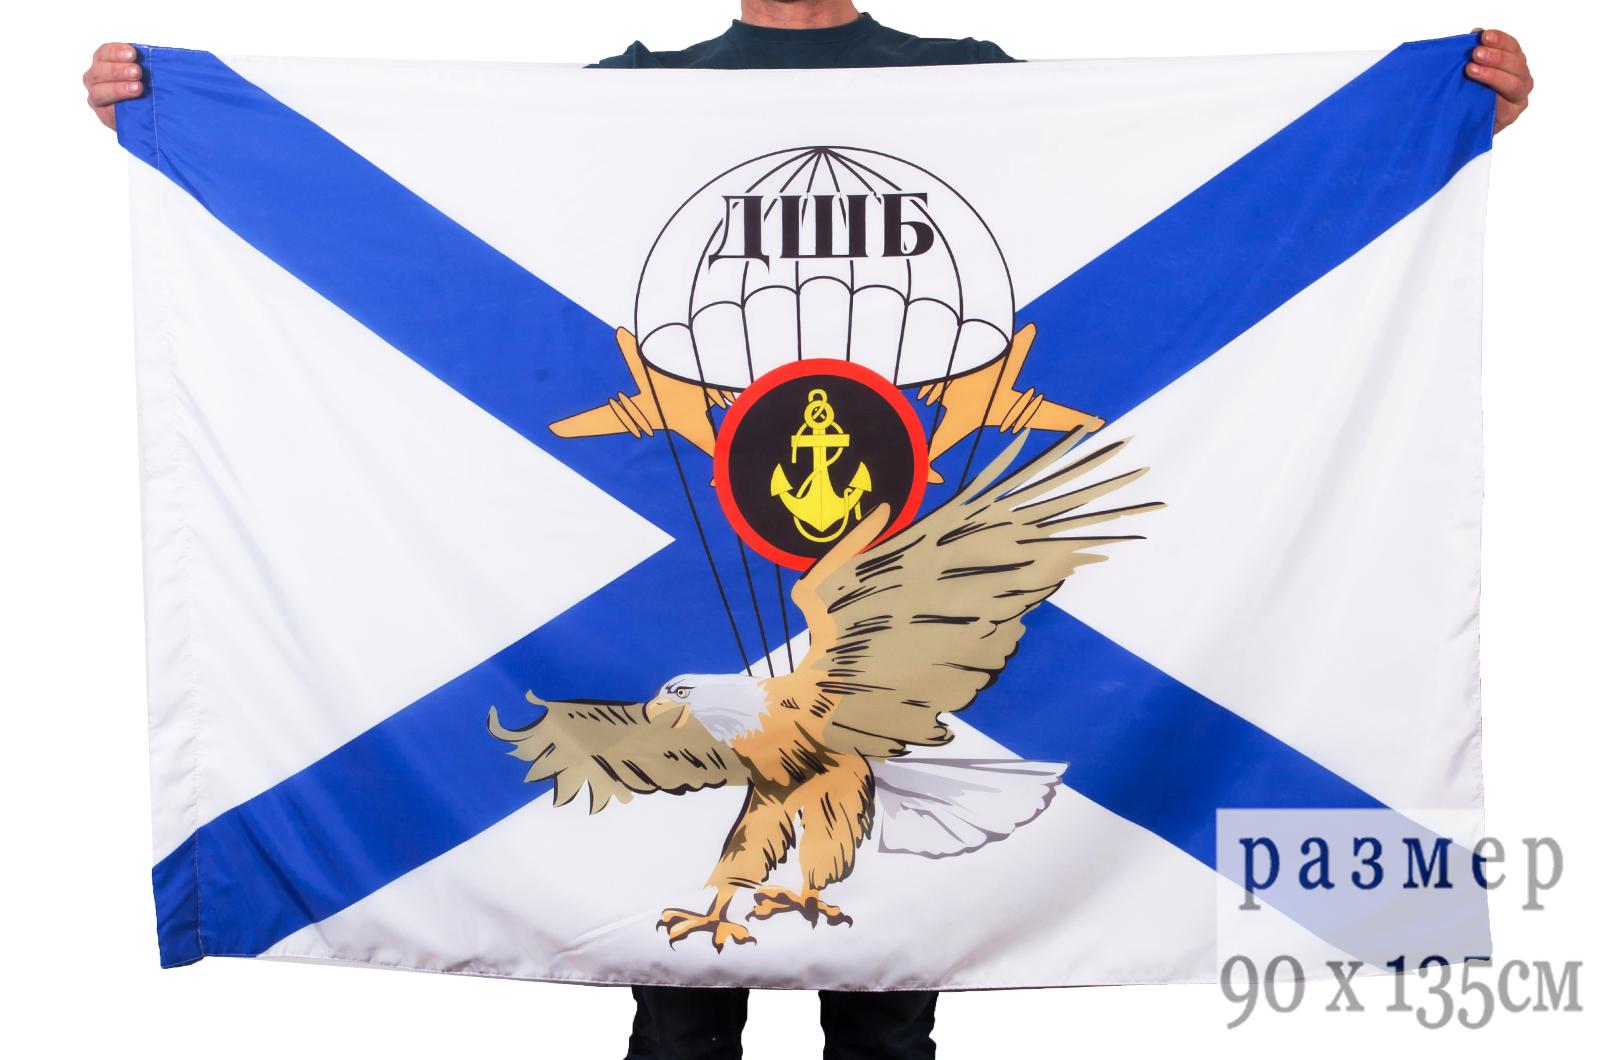 """Купить флаг """"ДШБ Морской пехоты"""""""